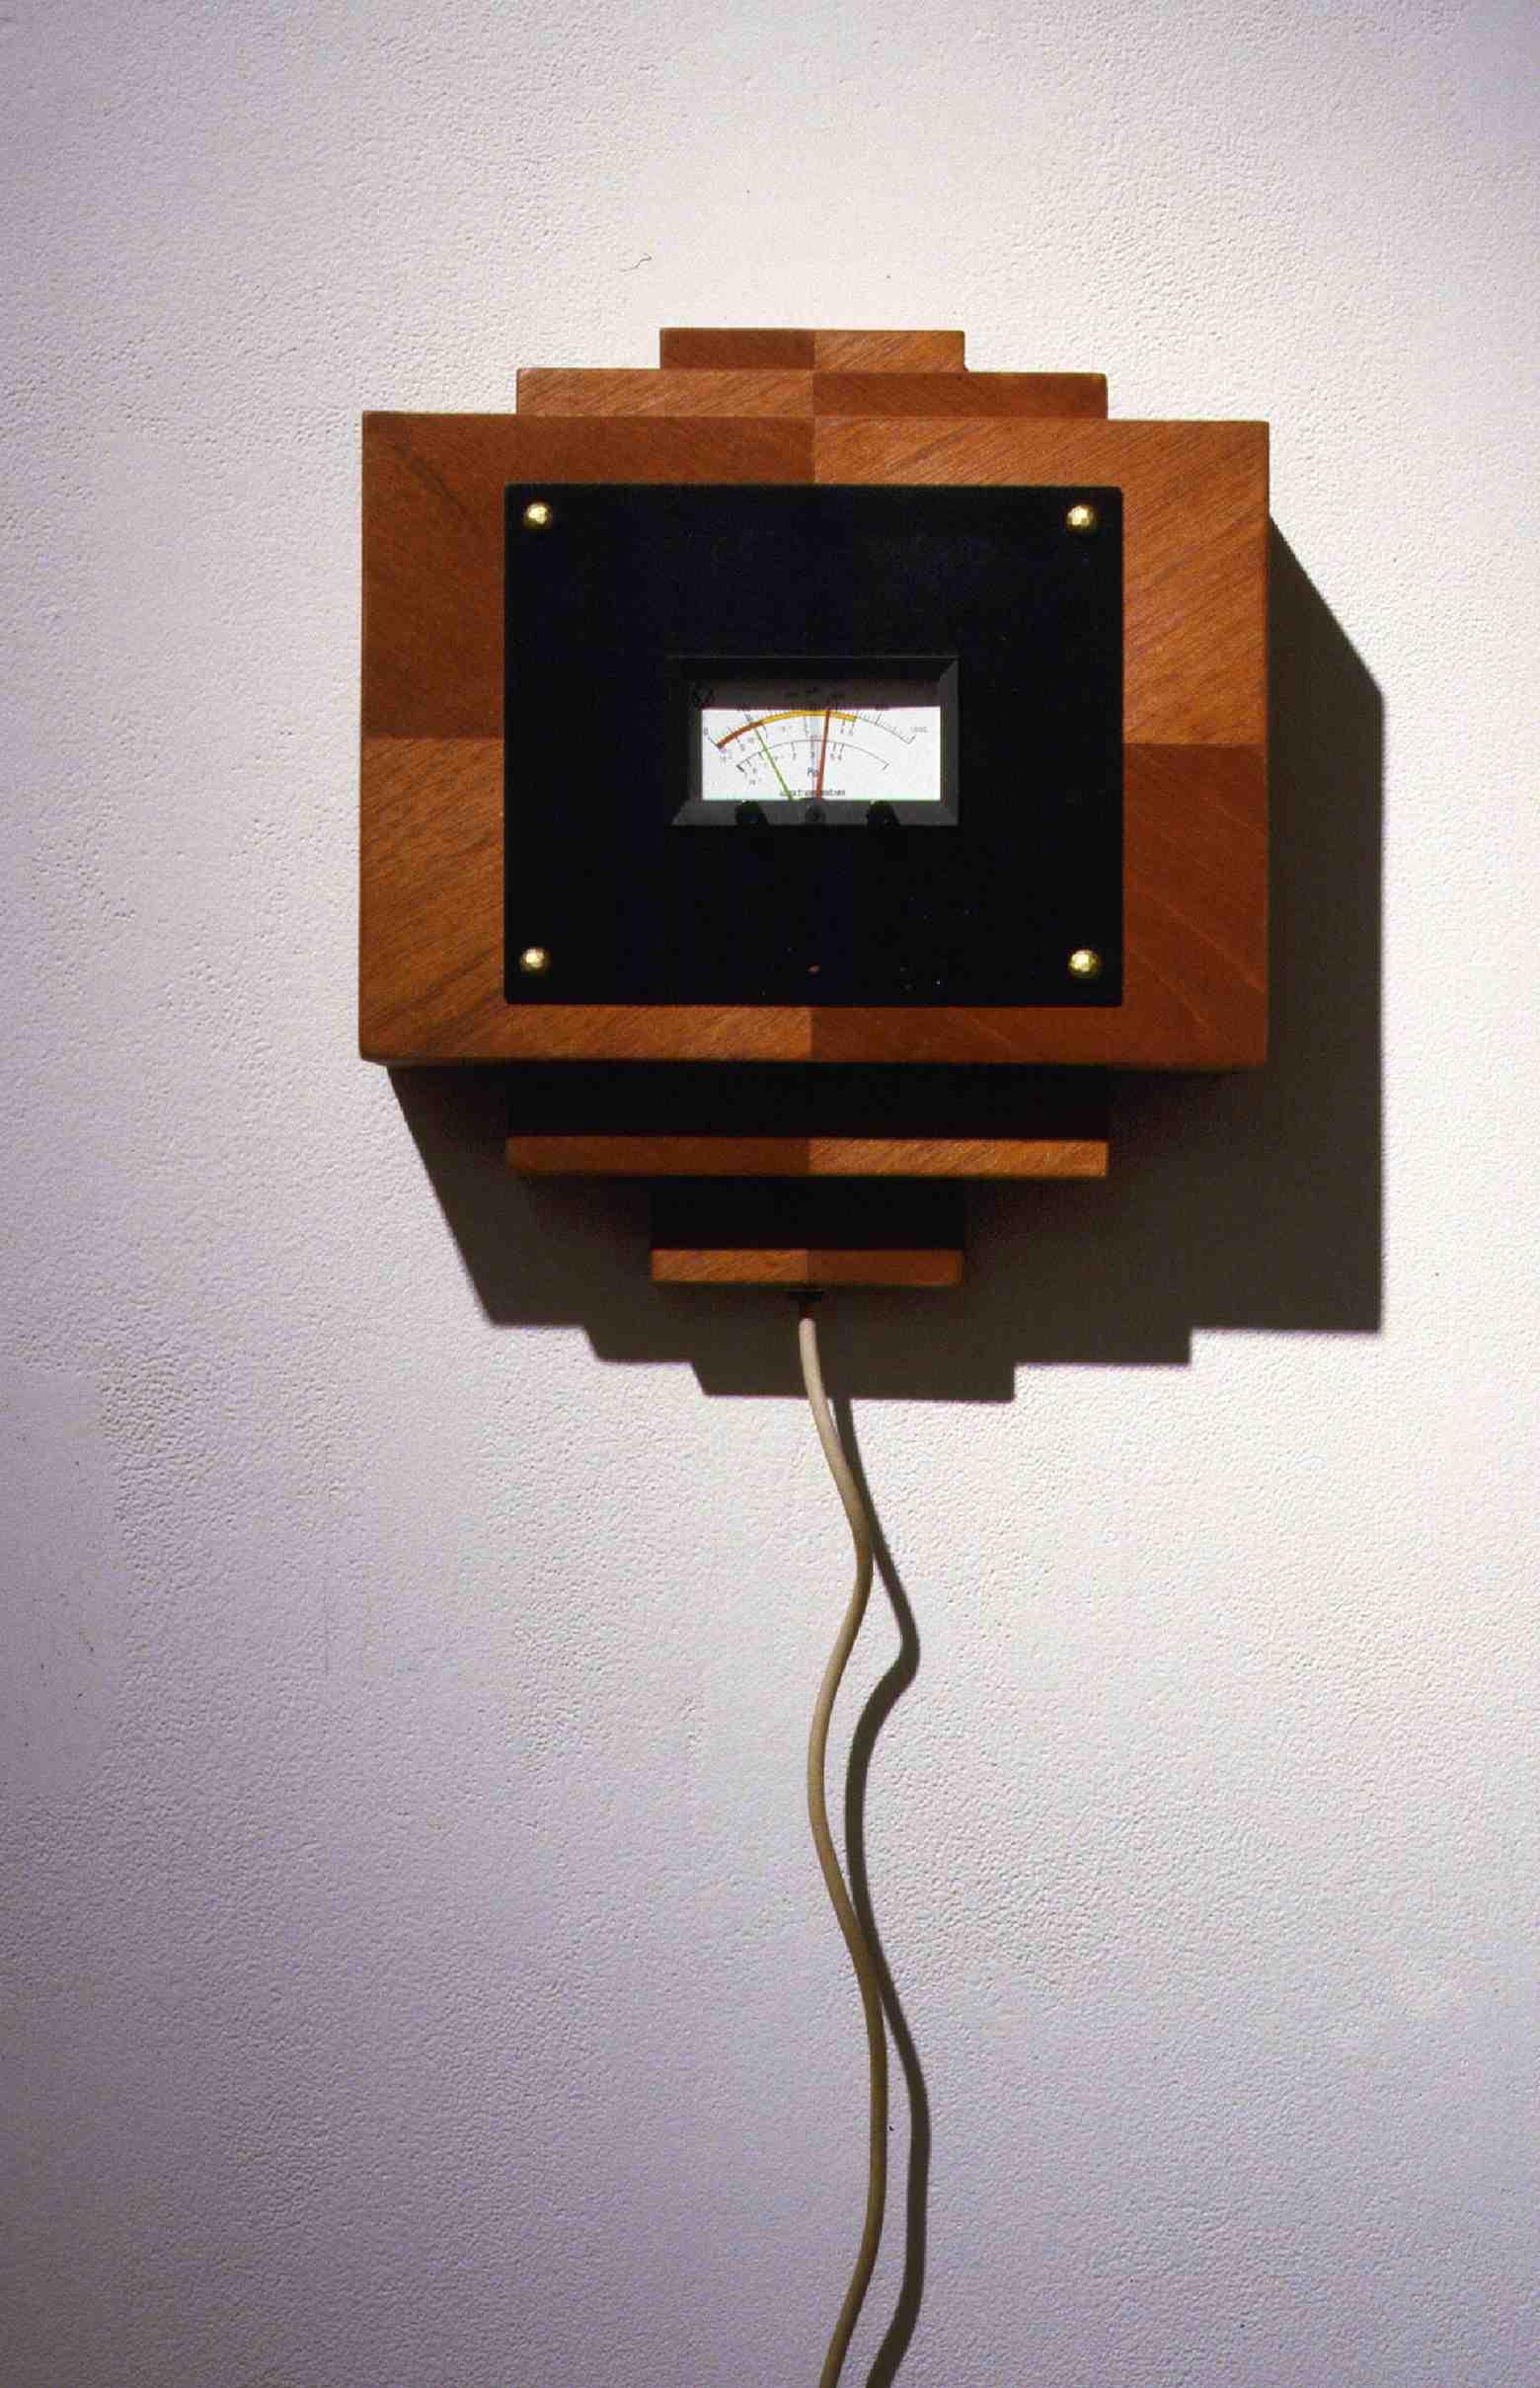 Chris Vecchio's meter art